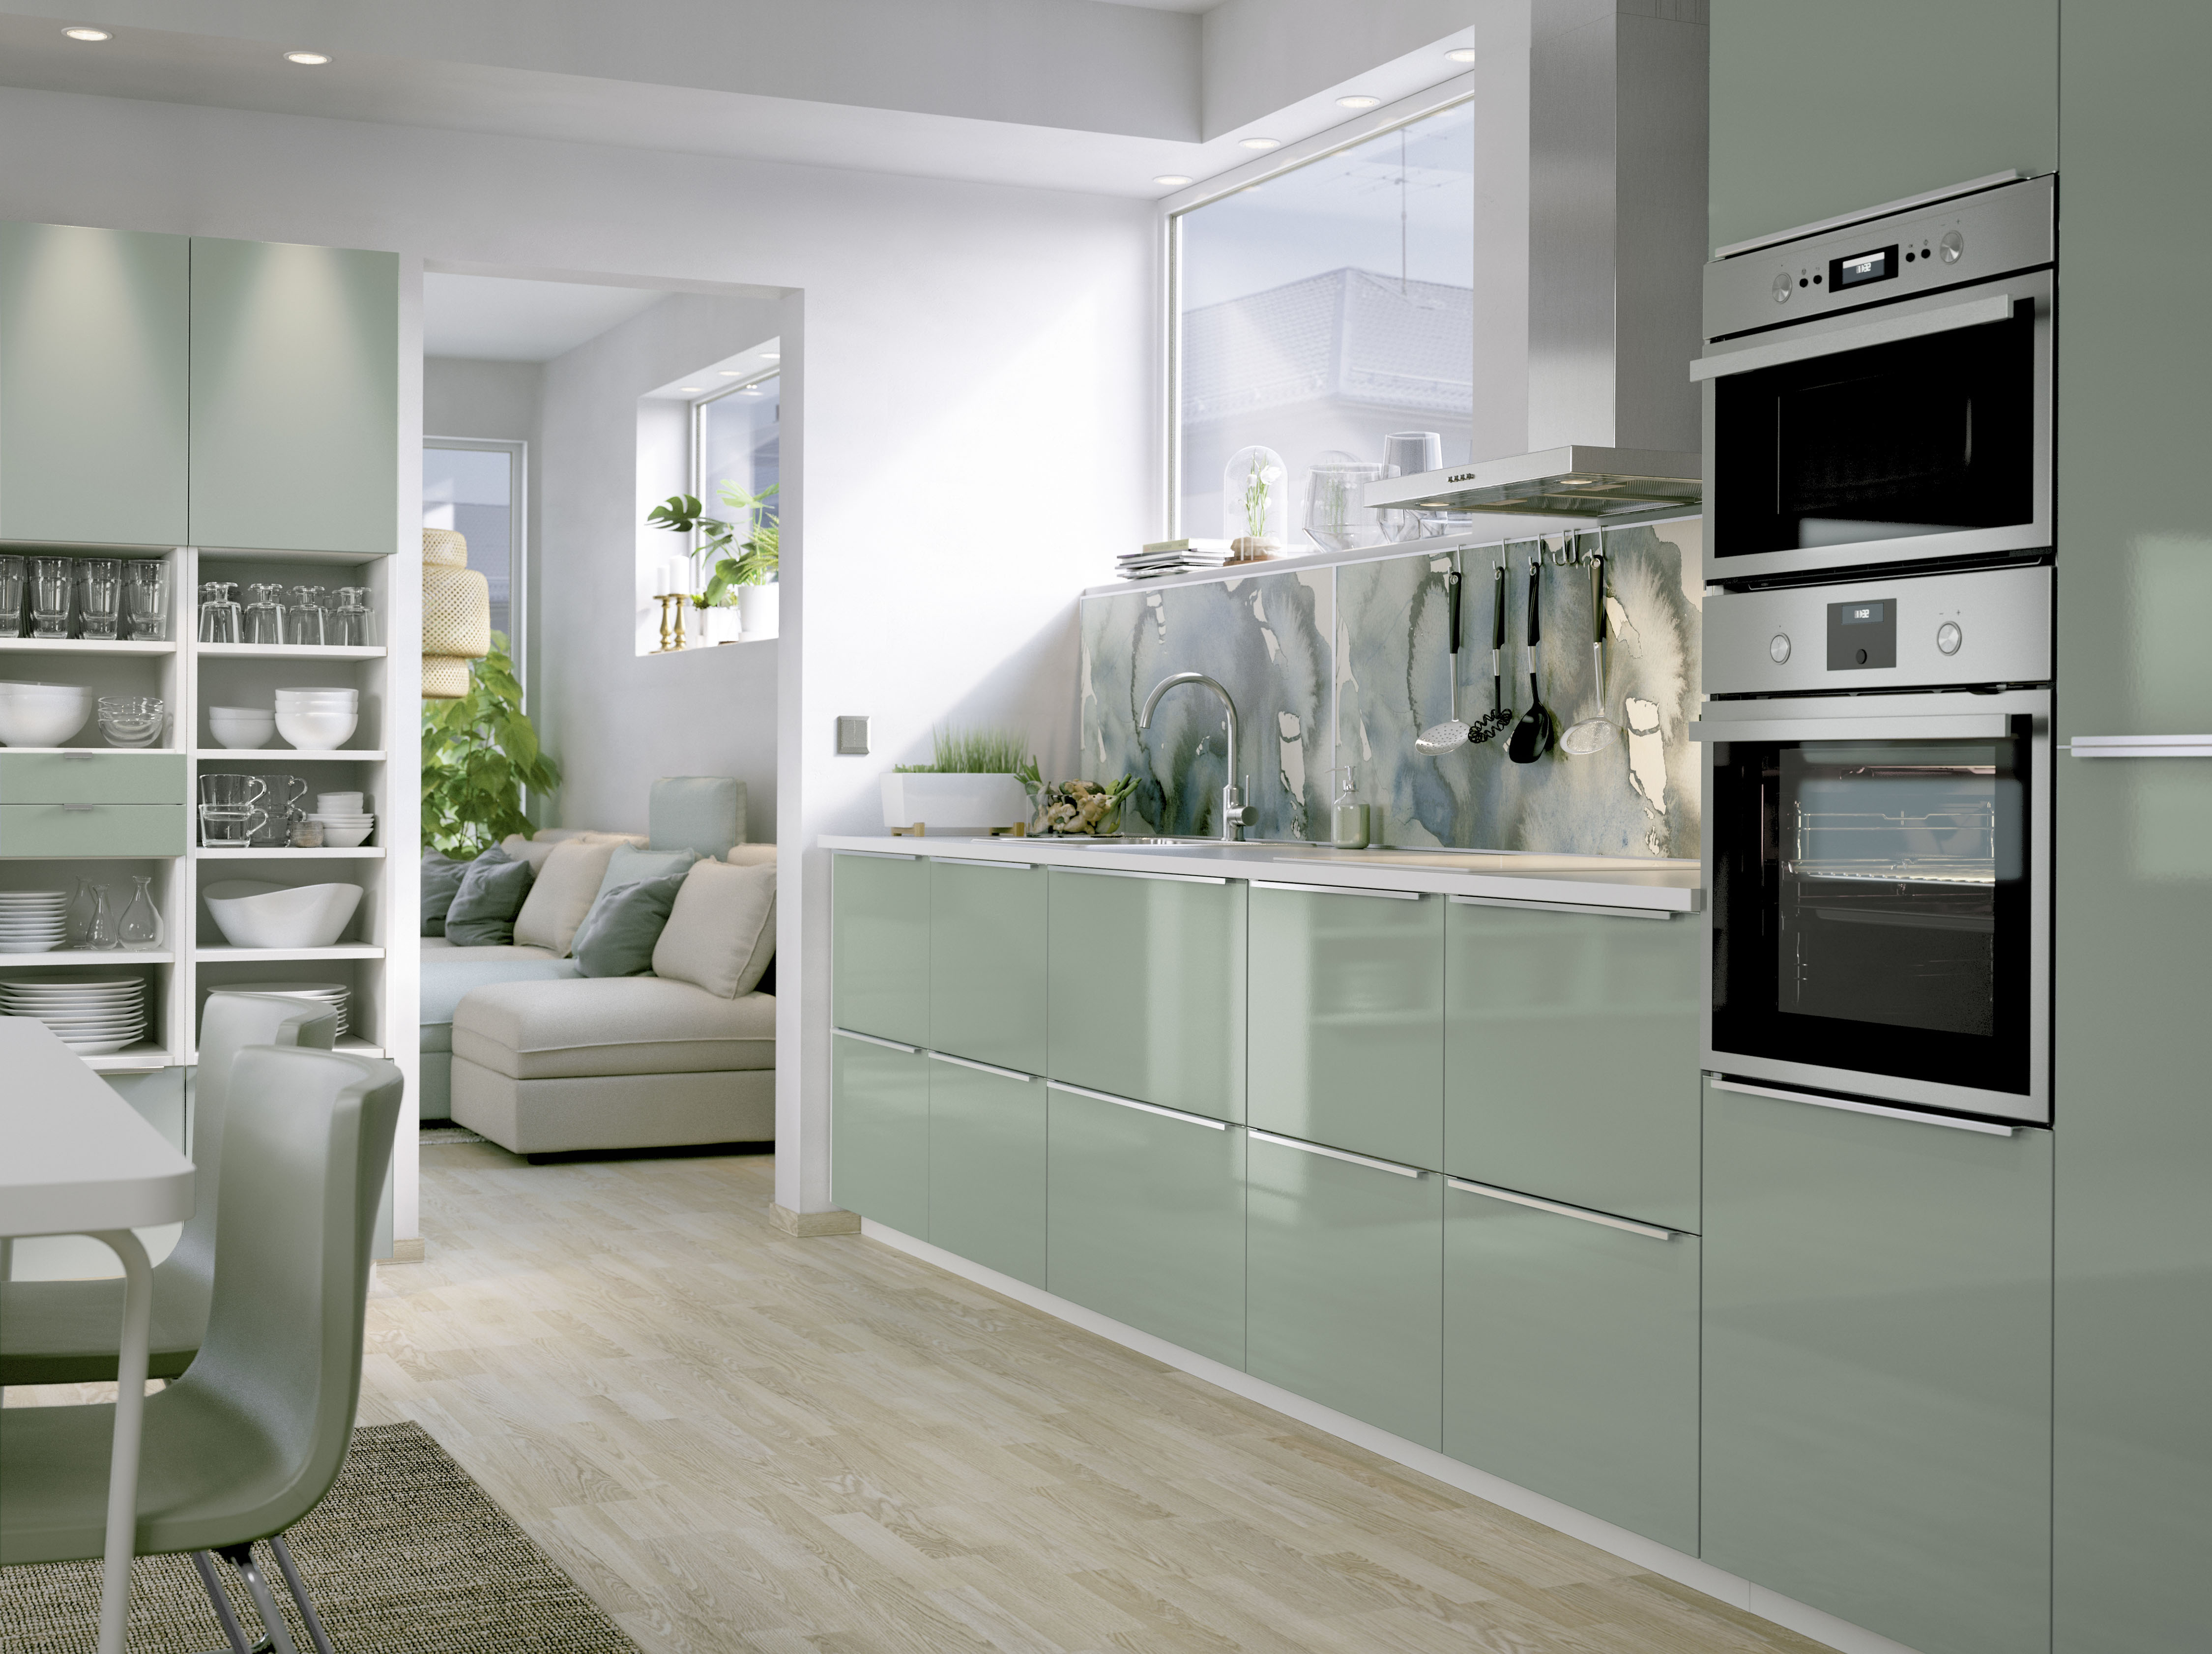 Nieuwe collectie ikea metod keukens   lifestylelady.nl